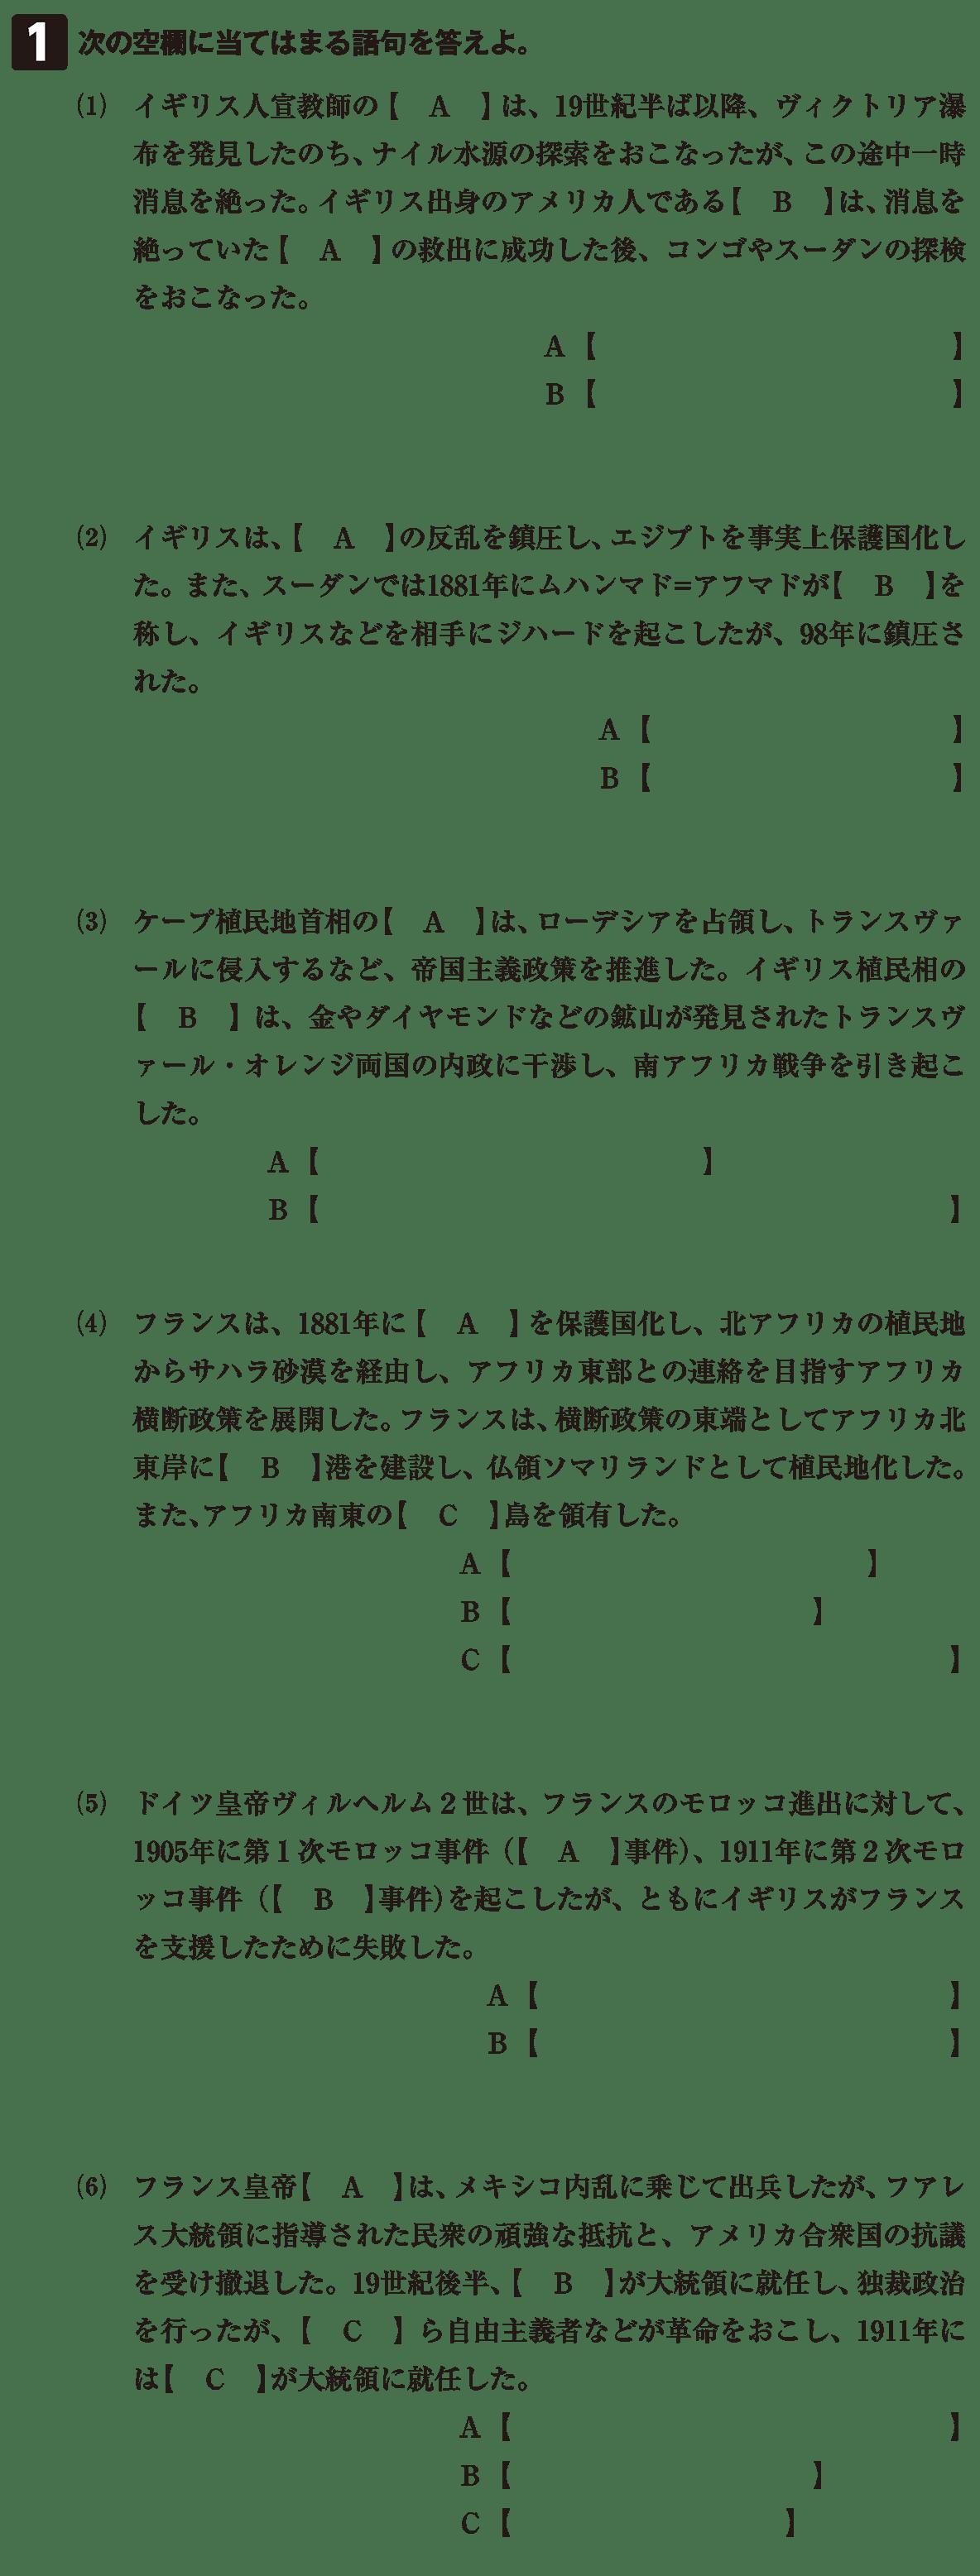 世界分割と列強の対立8 確認テスト(前半)